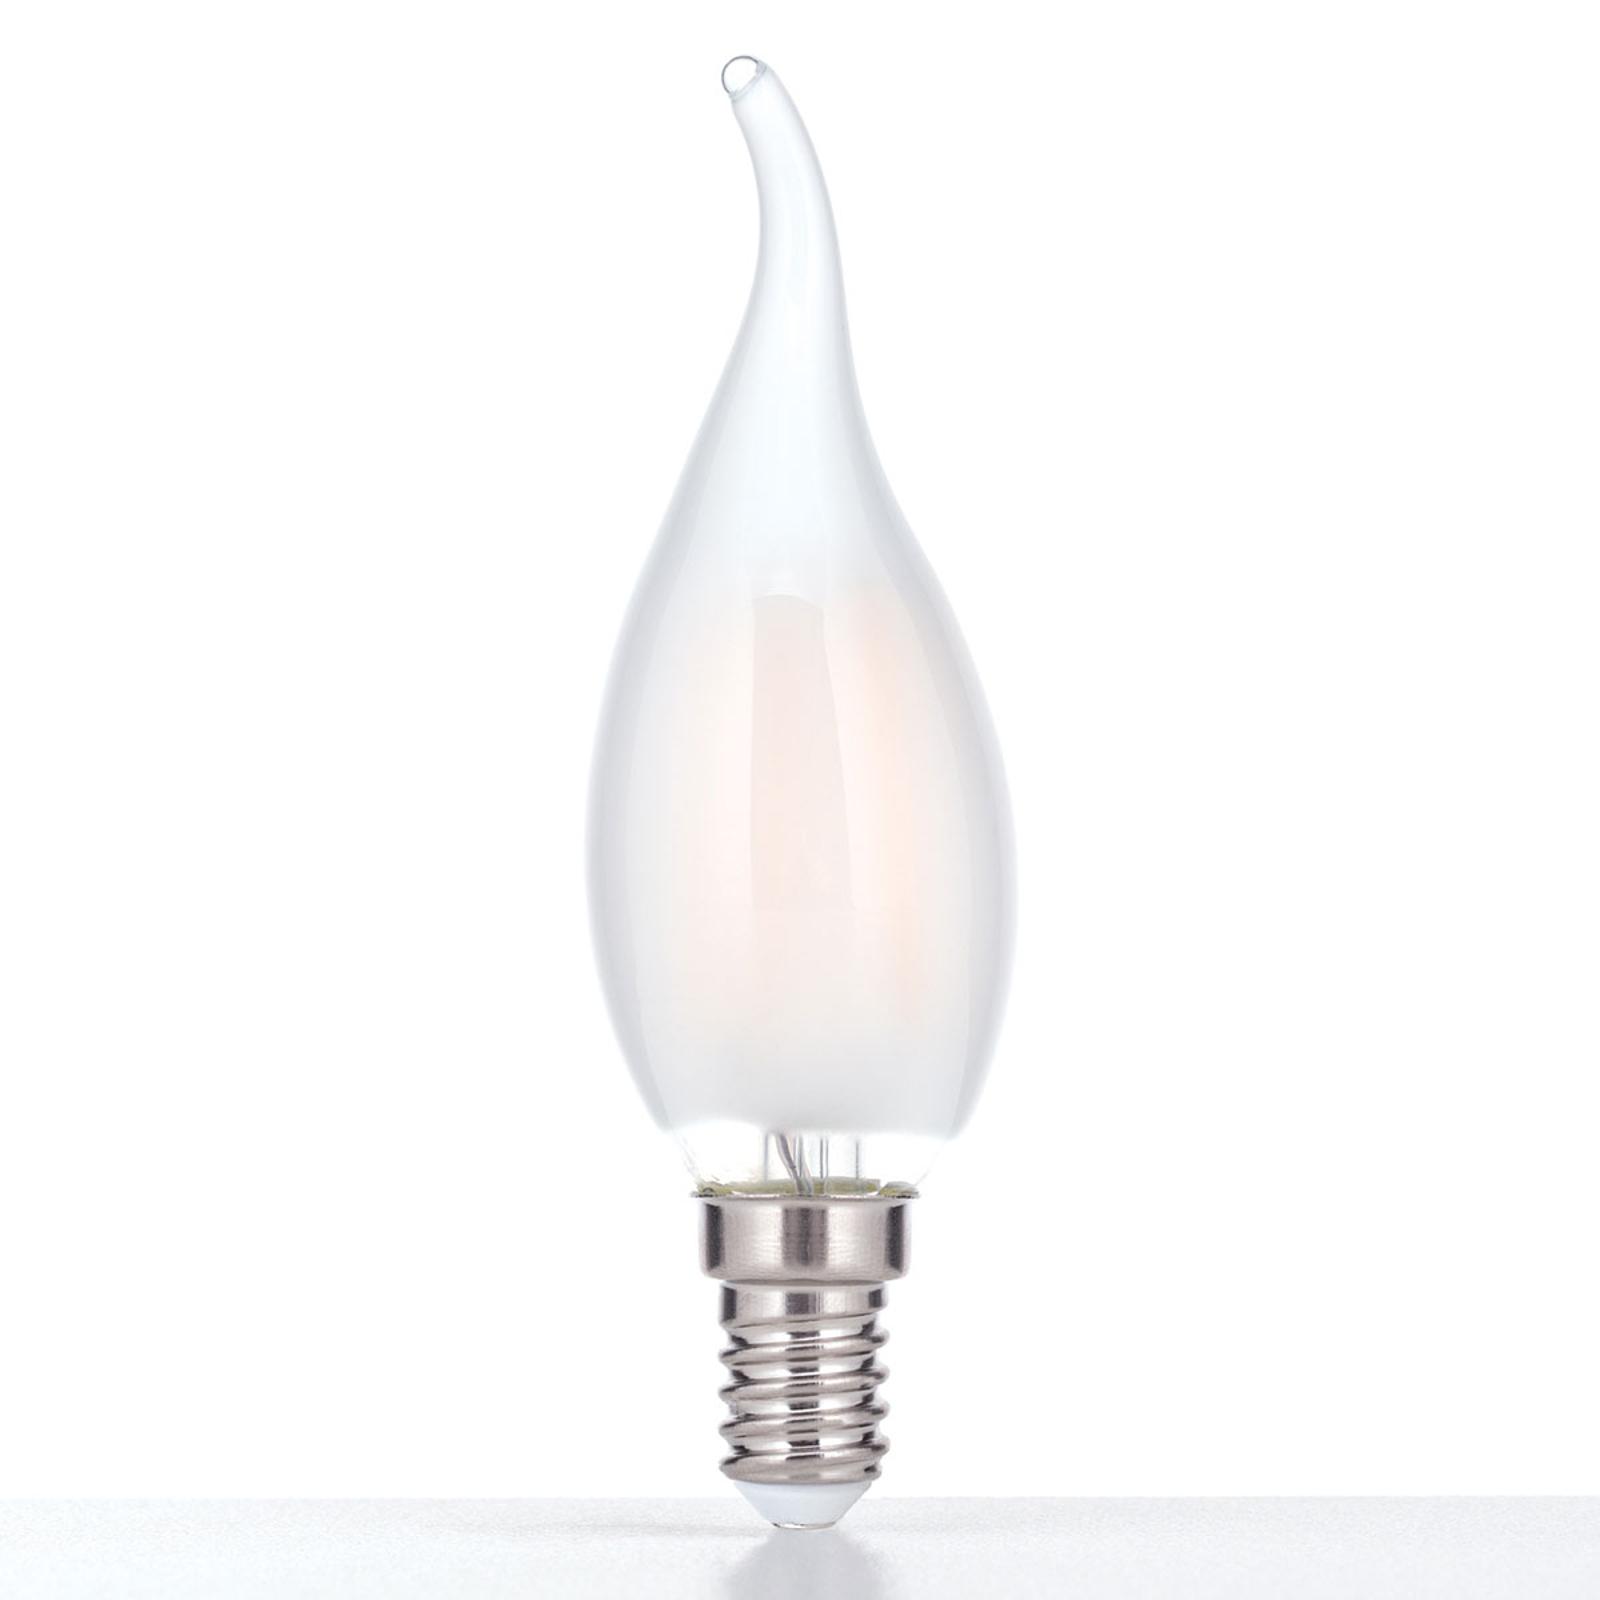 LED-lyspære i flammeform E14 4W, varmhvit, dimbar